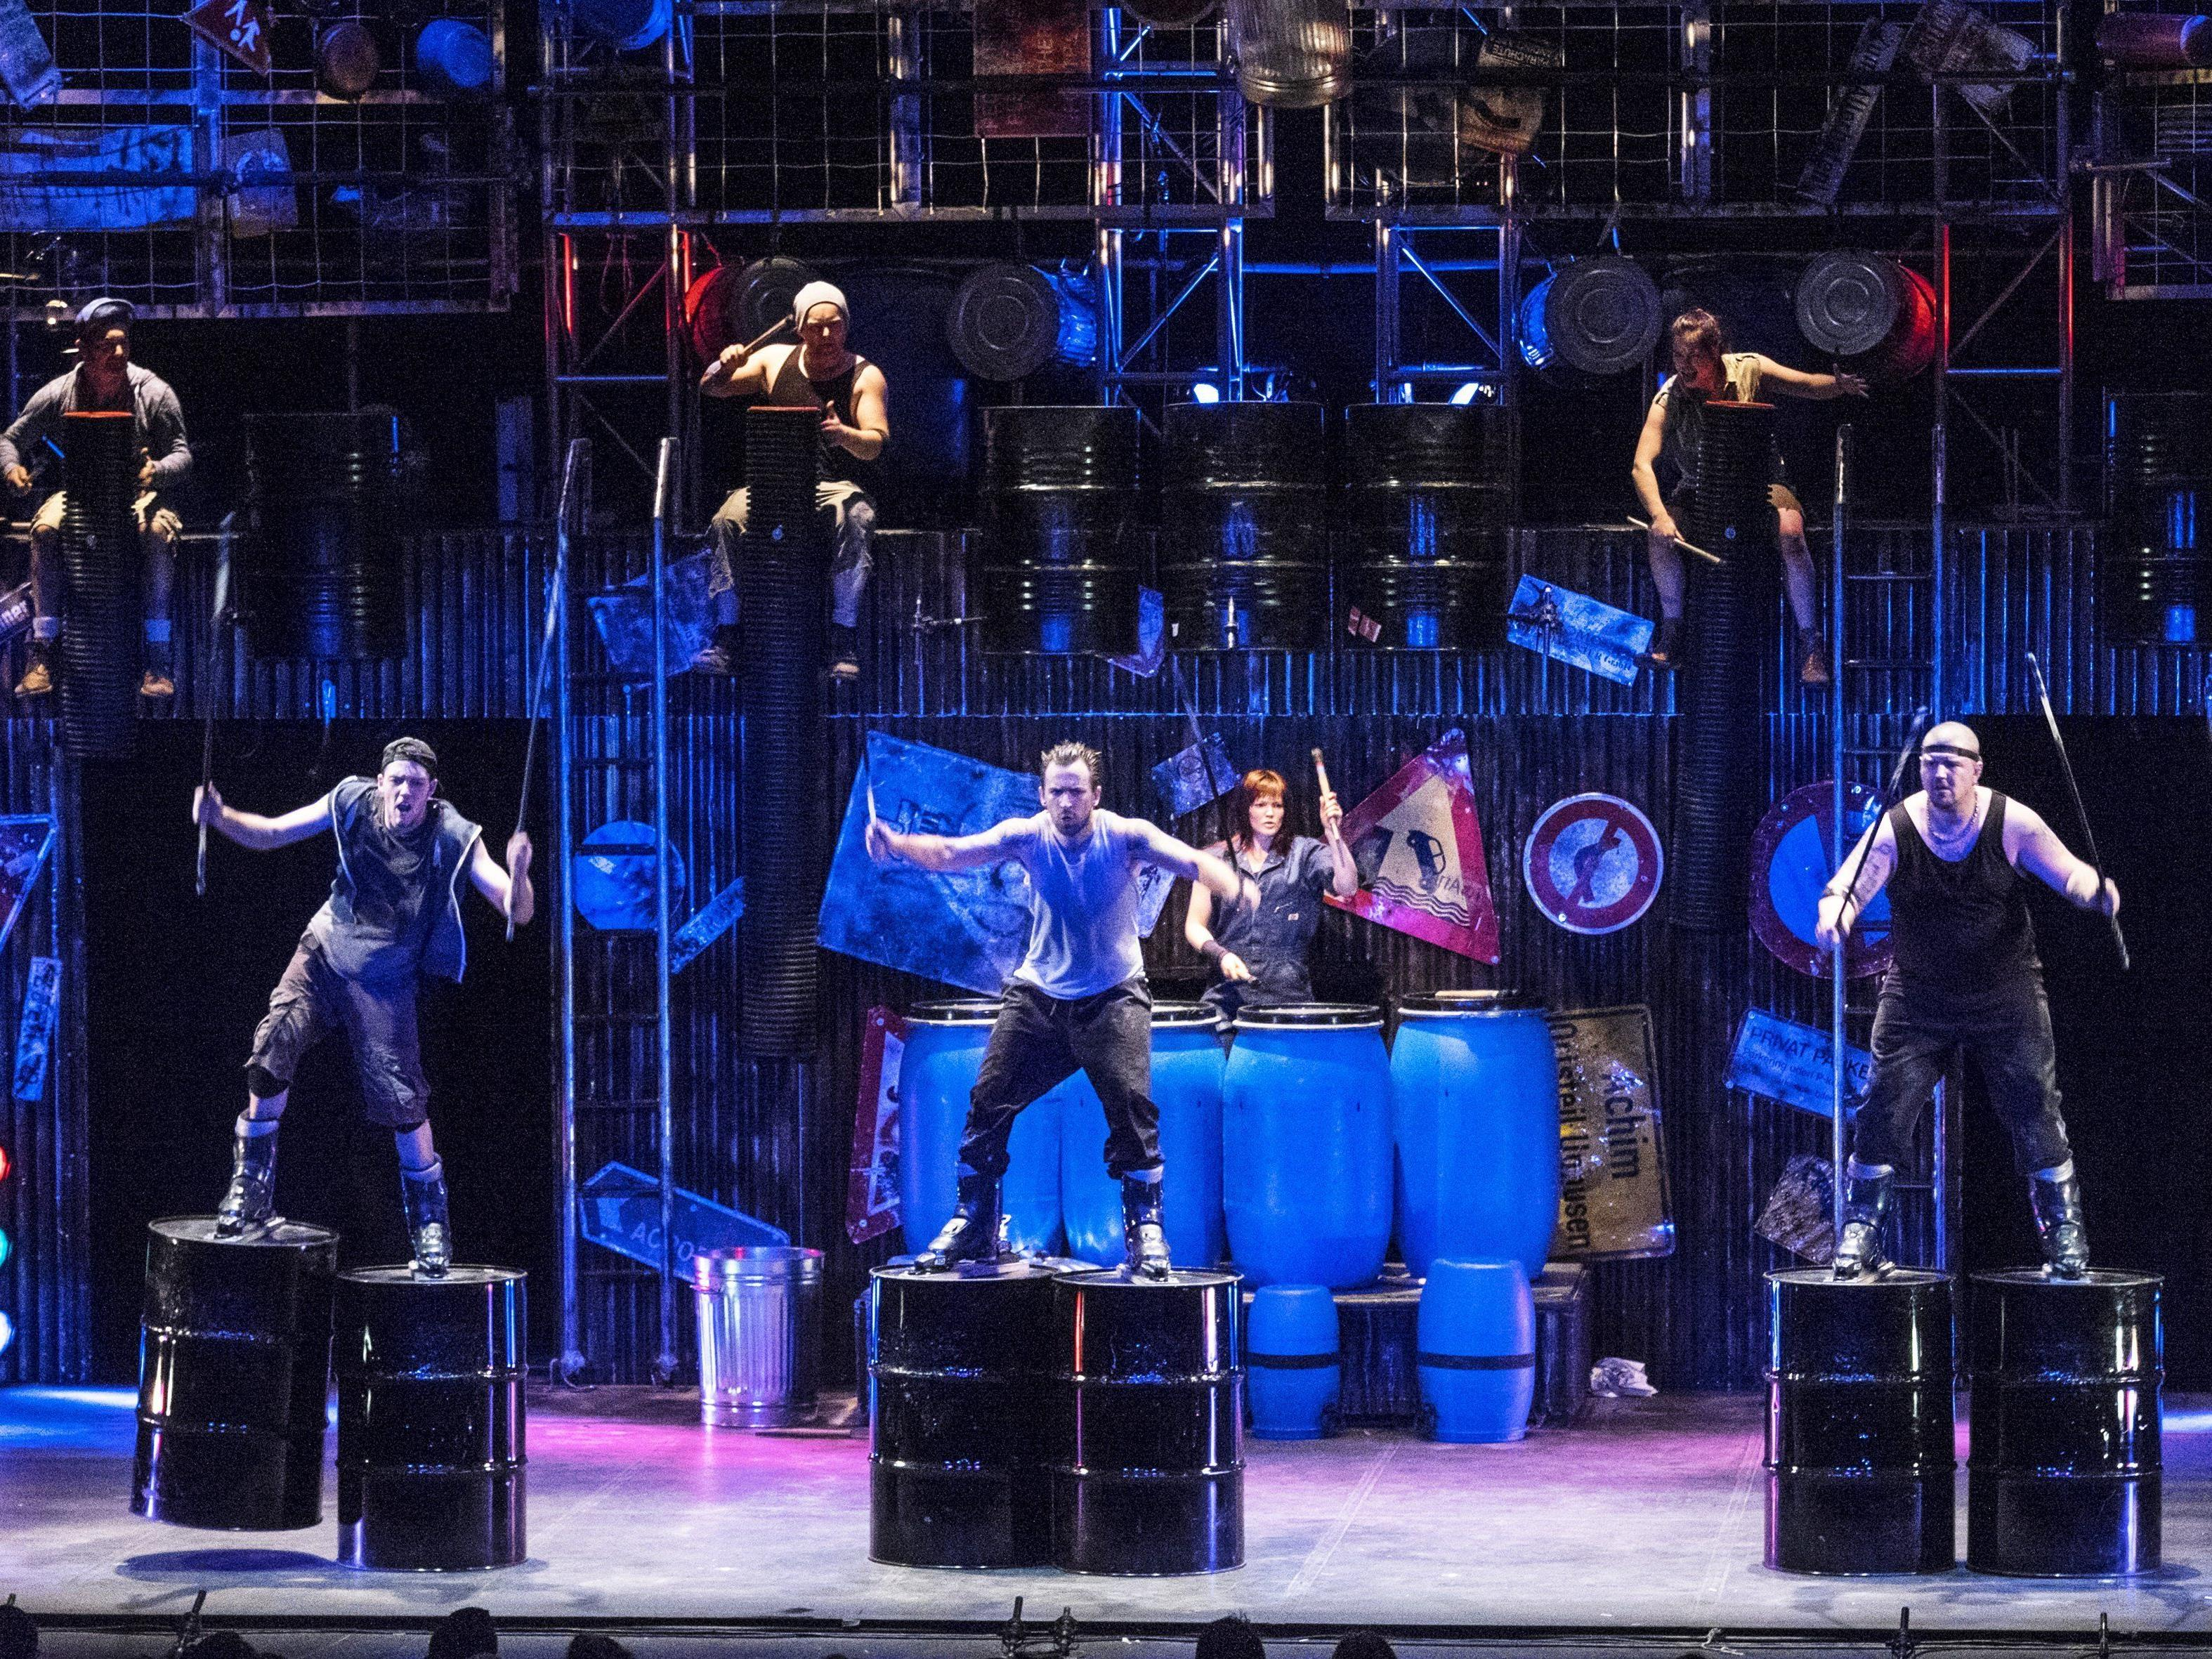 STOMP, der Kassenmagnet aus London und New York kommt vom 2. bis 5. Februar ins Festspielhaus Bregenz. VOL.AT verlost Tickets!